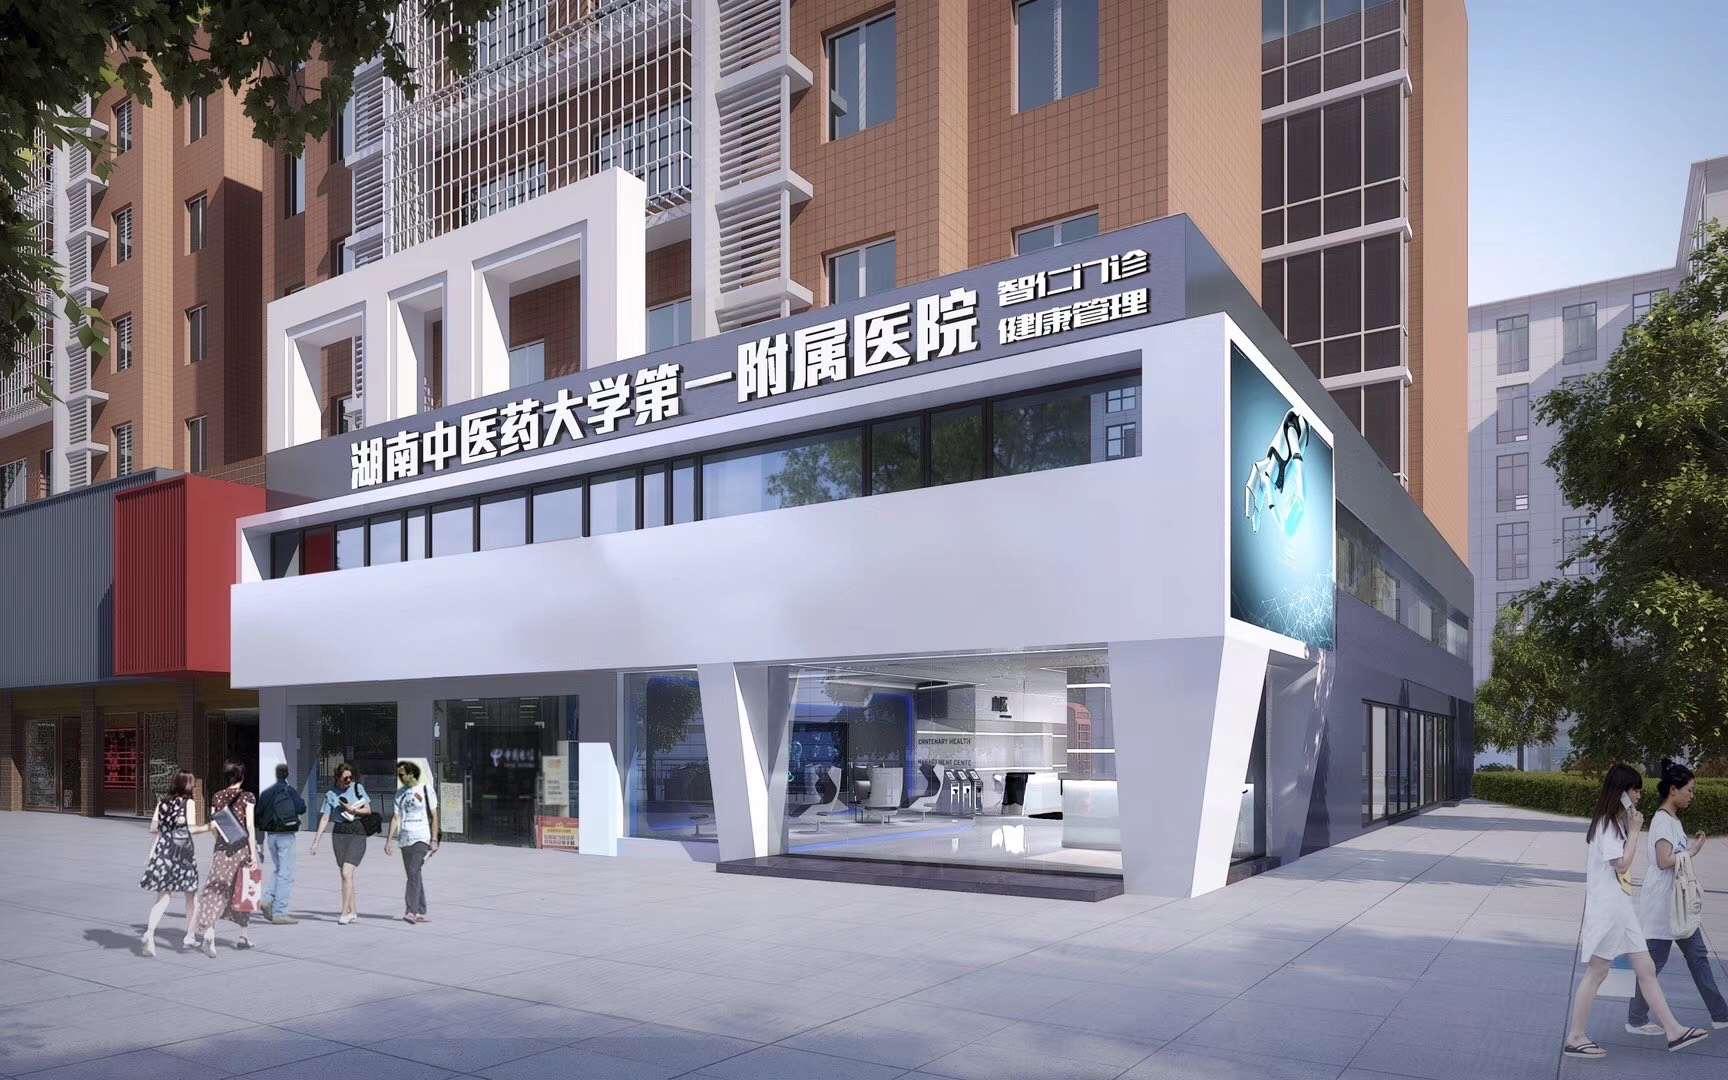 河西中医附一健康管理部预约_免疫力医疗保健服务电话-长沙智仁综合门诊部